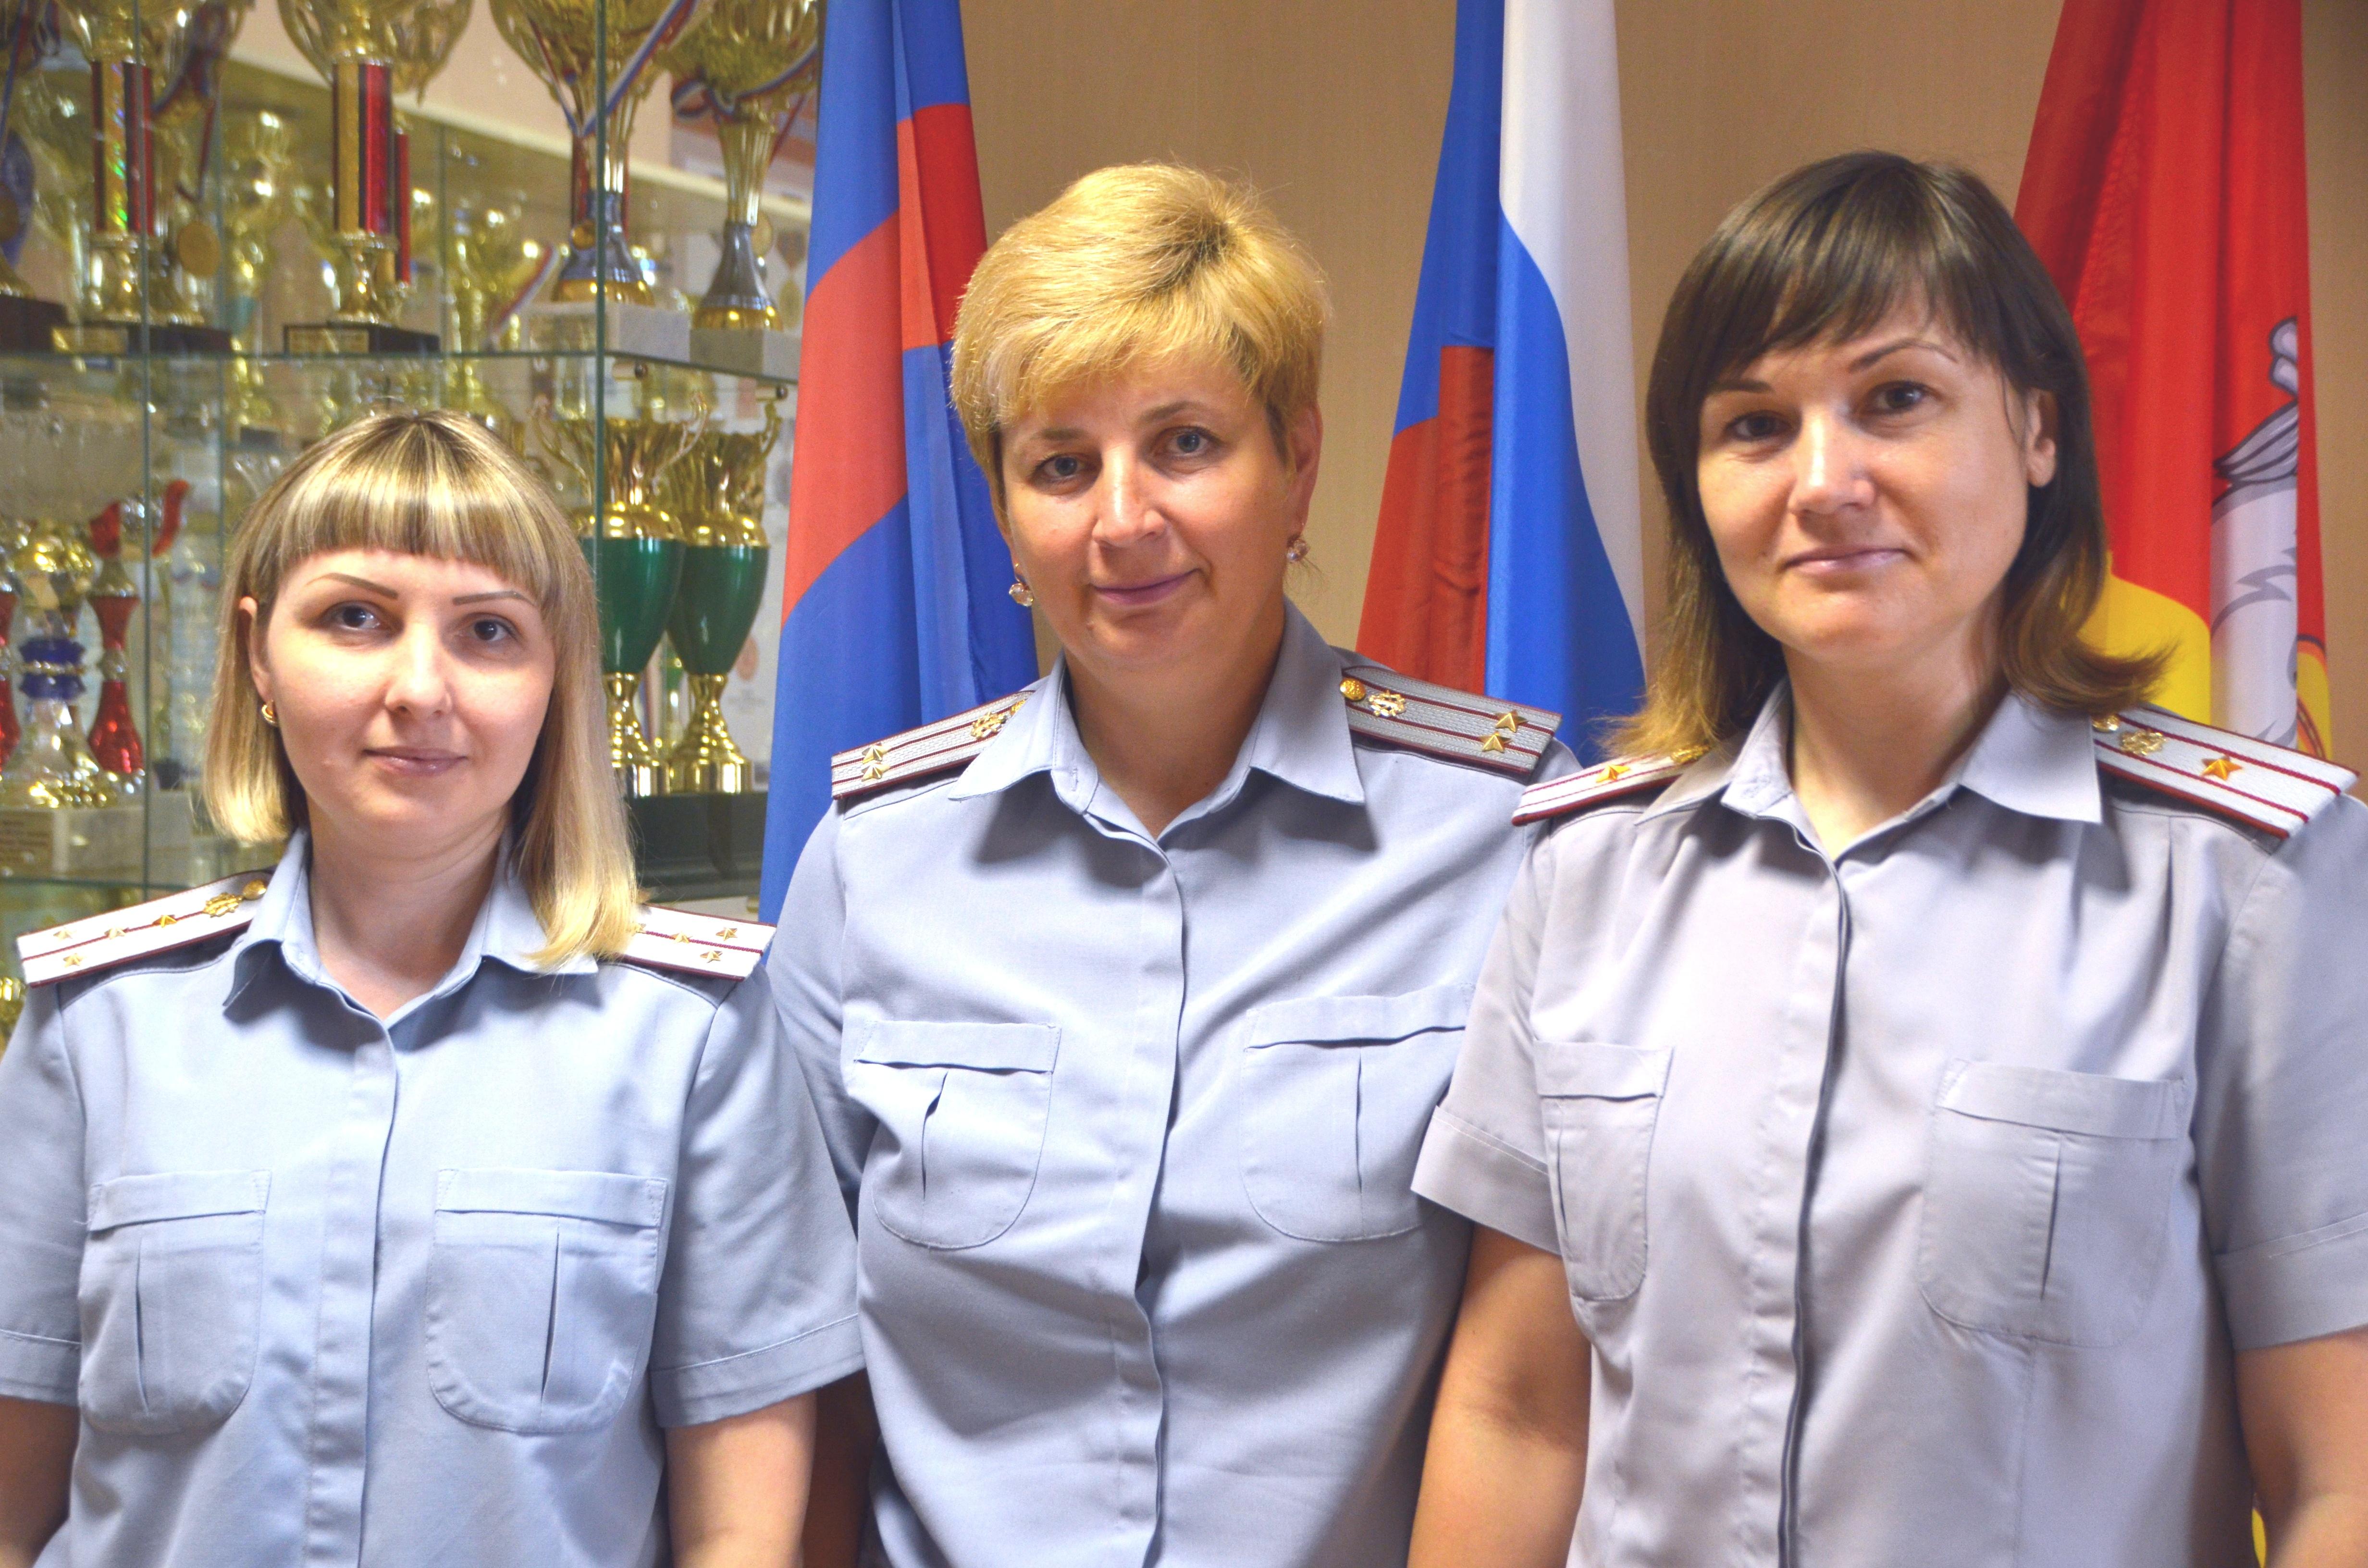 Сотрудники юридической службы уголовно-исполнительной системы Челябинской области вместе с коллег